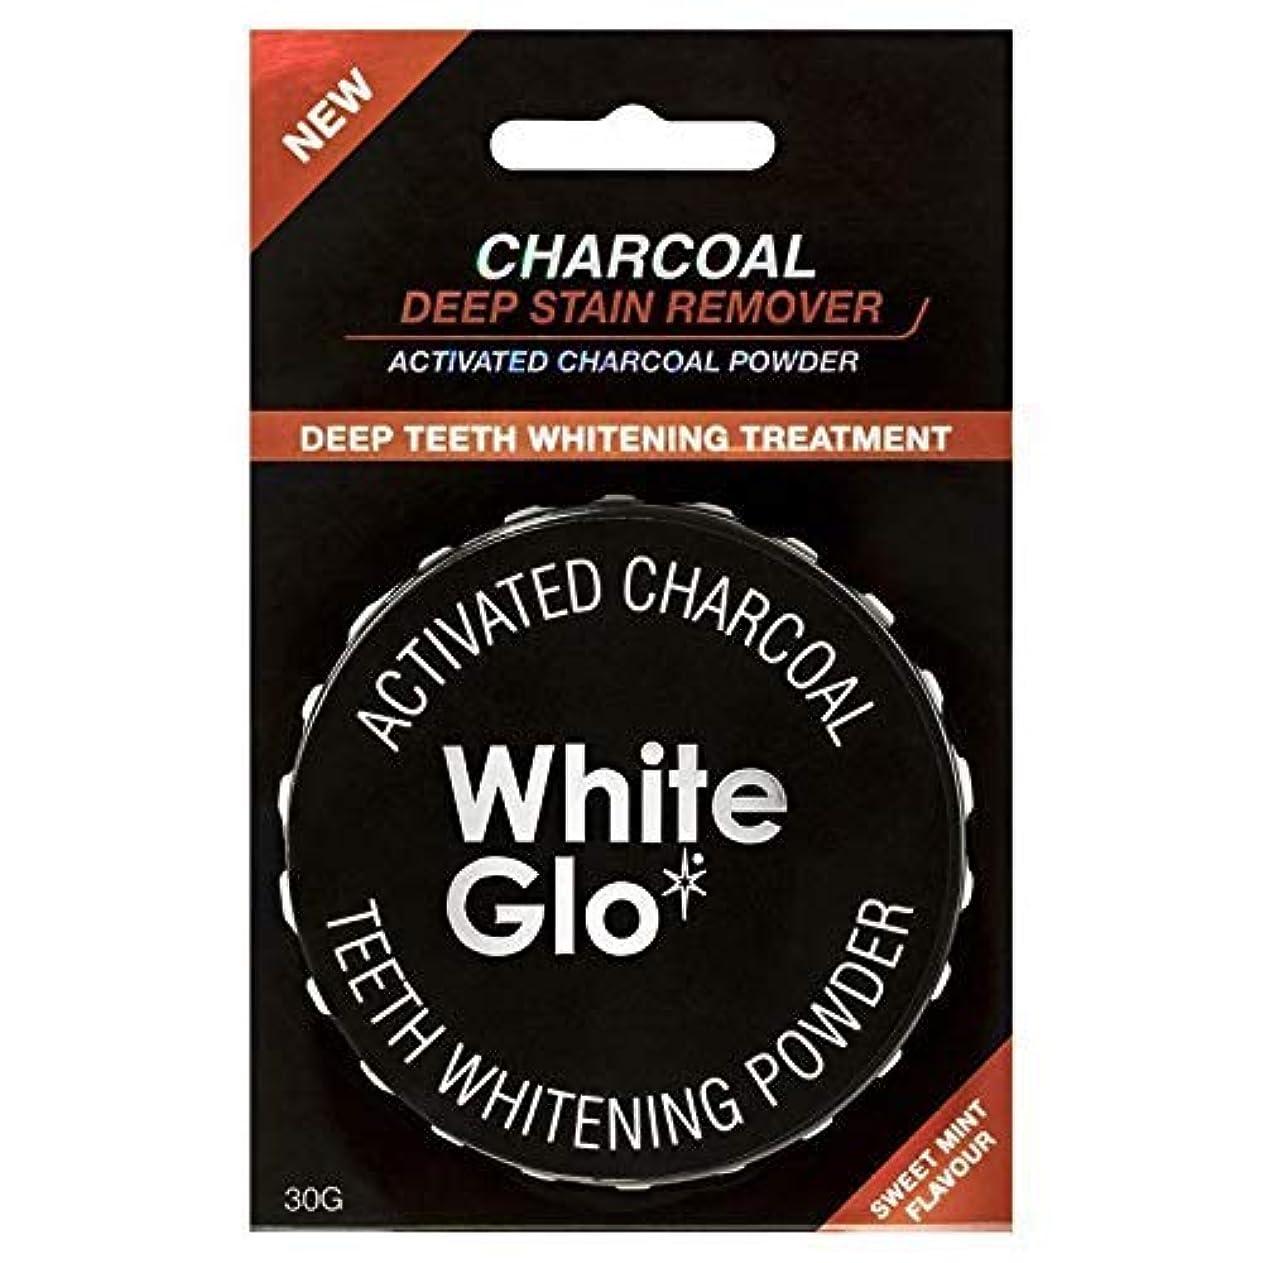 省略する蘇生する主婦Teeth Whitening Systems White Glo Activated Charcoal Teeth Whitening Powder 30g Australia / システムを白くする歯を白くする歯の粉...